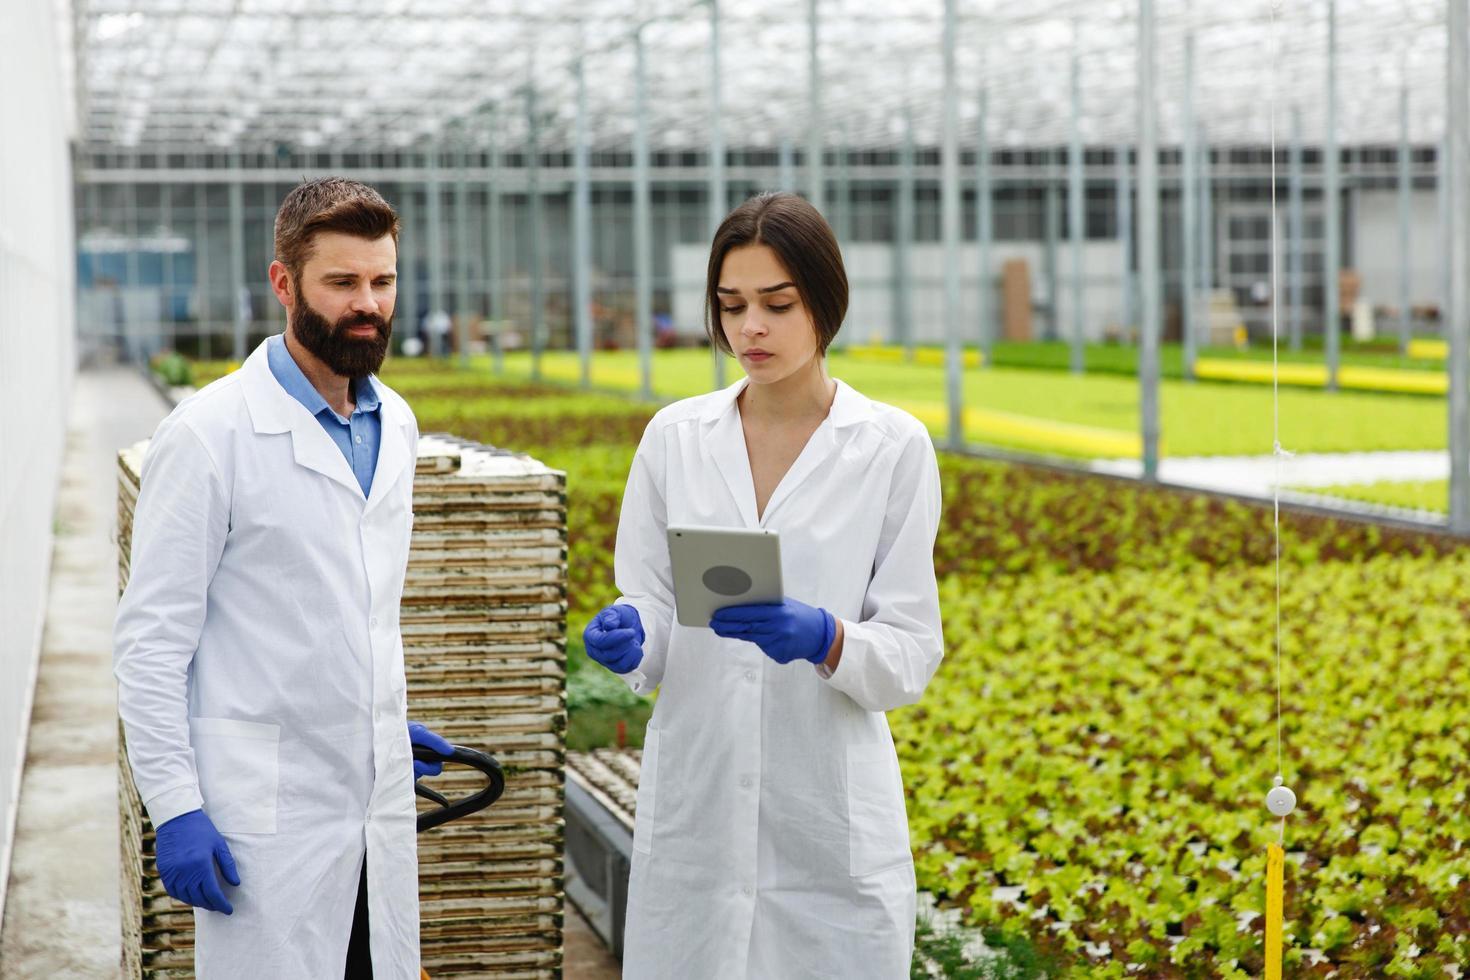 deux chercheurs en robes de laboratoire se promènent dans la serre avec une tablette photo